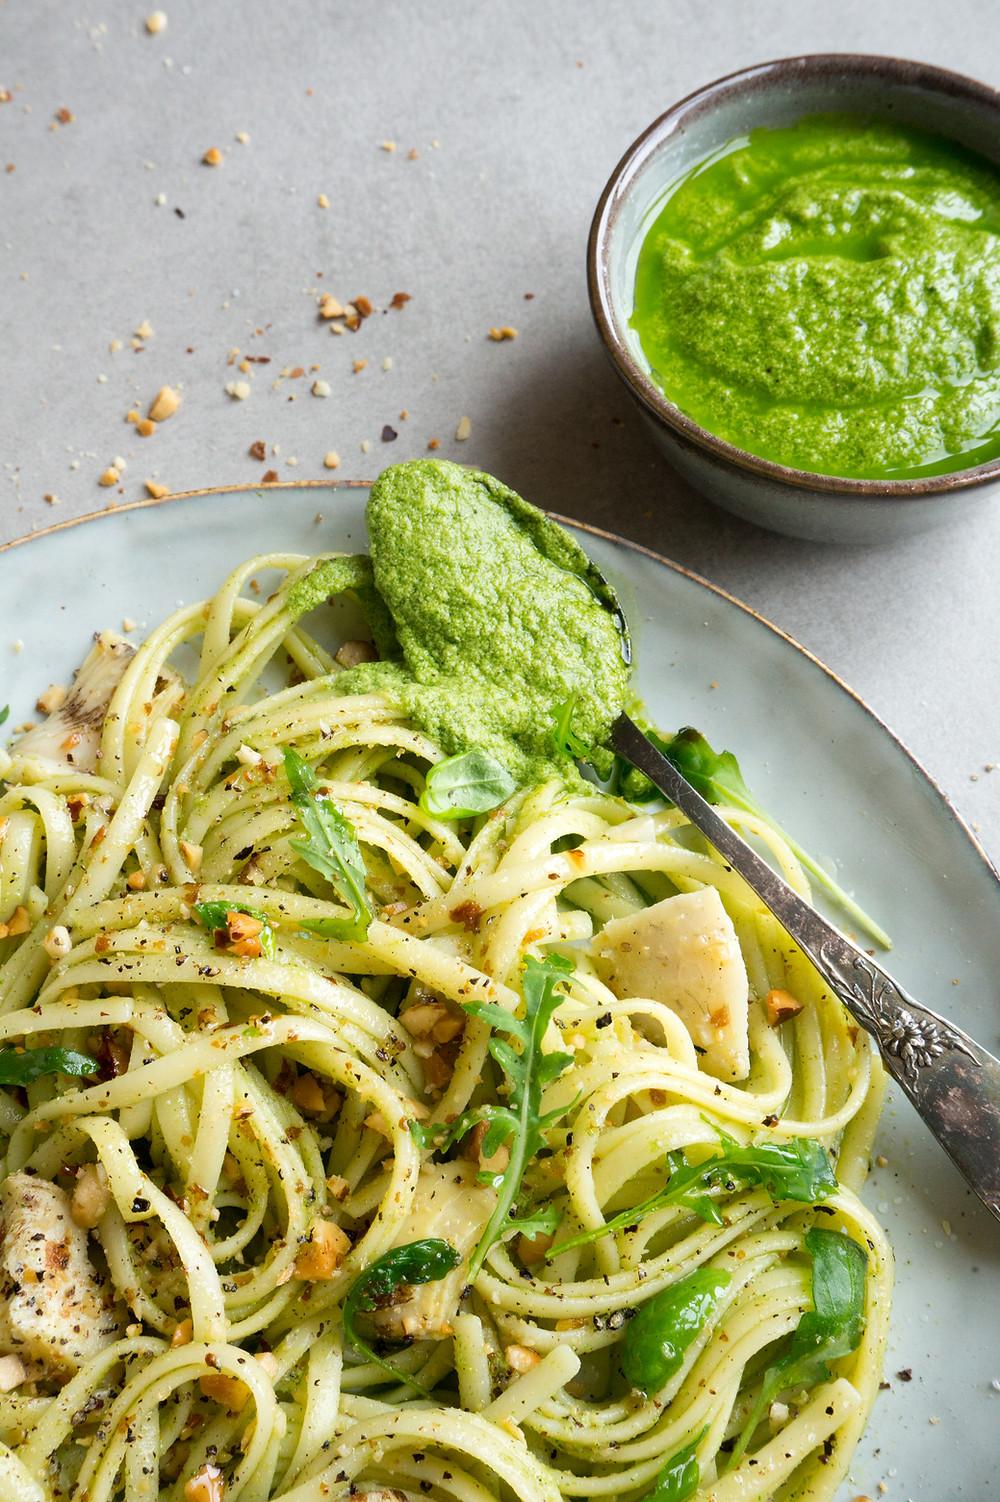 FoodLove's Vegan Pasta Pesto voor De Hobbit